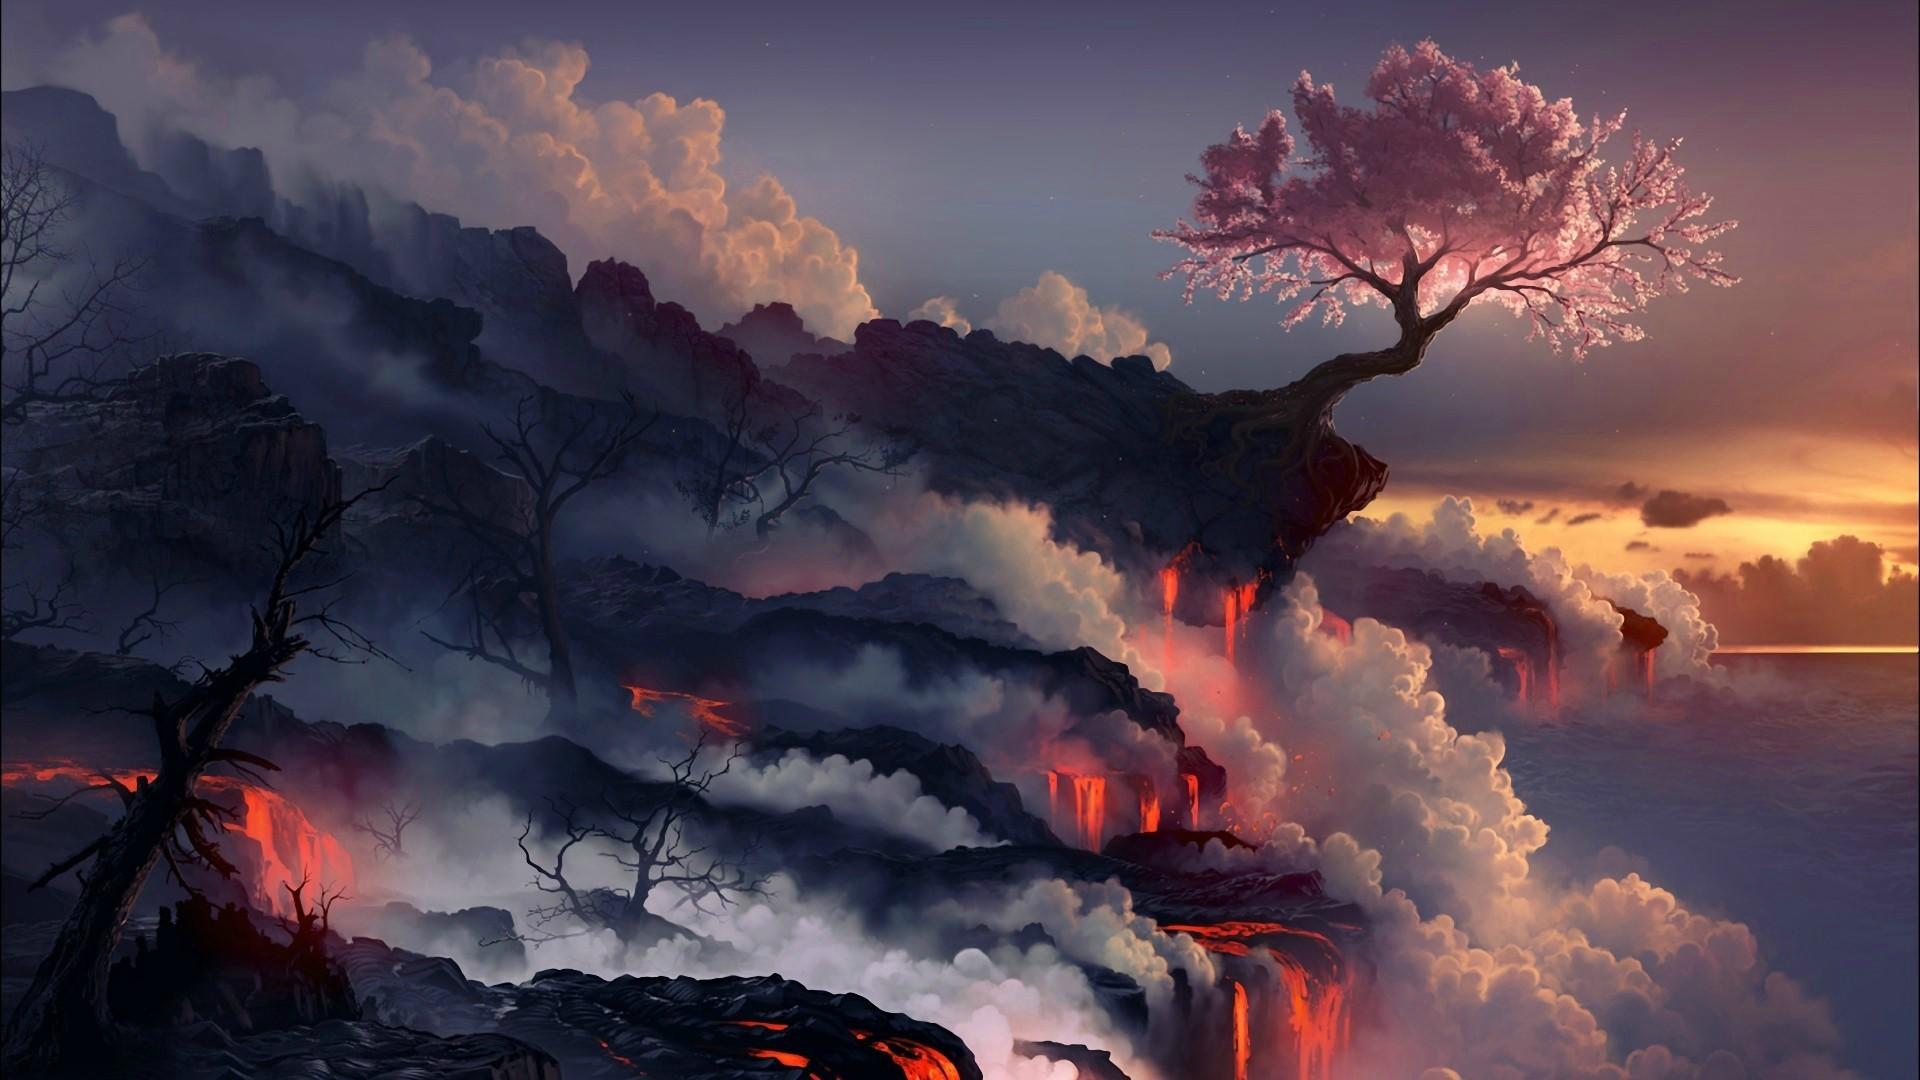 Wallpaper Trees Landscape Digital Art Fantasy Art